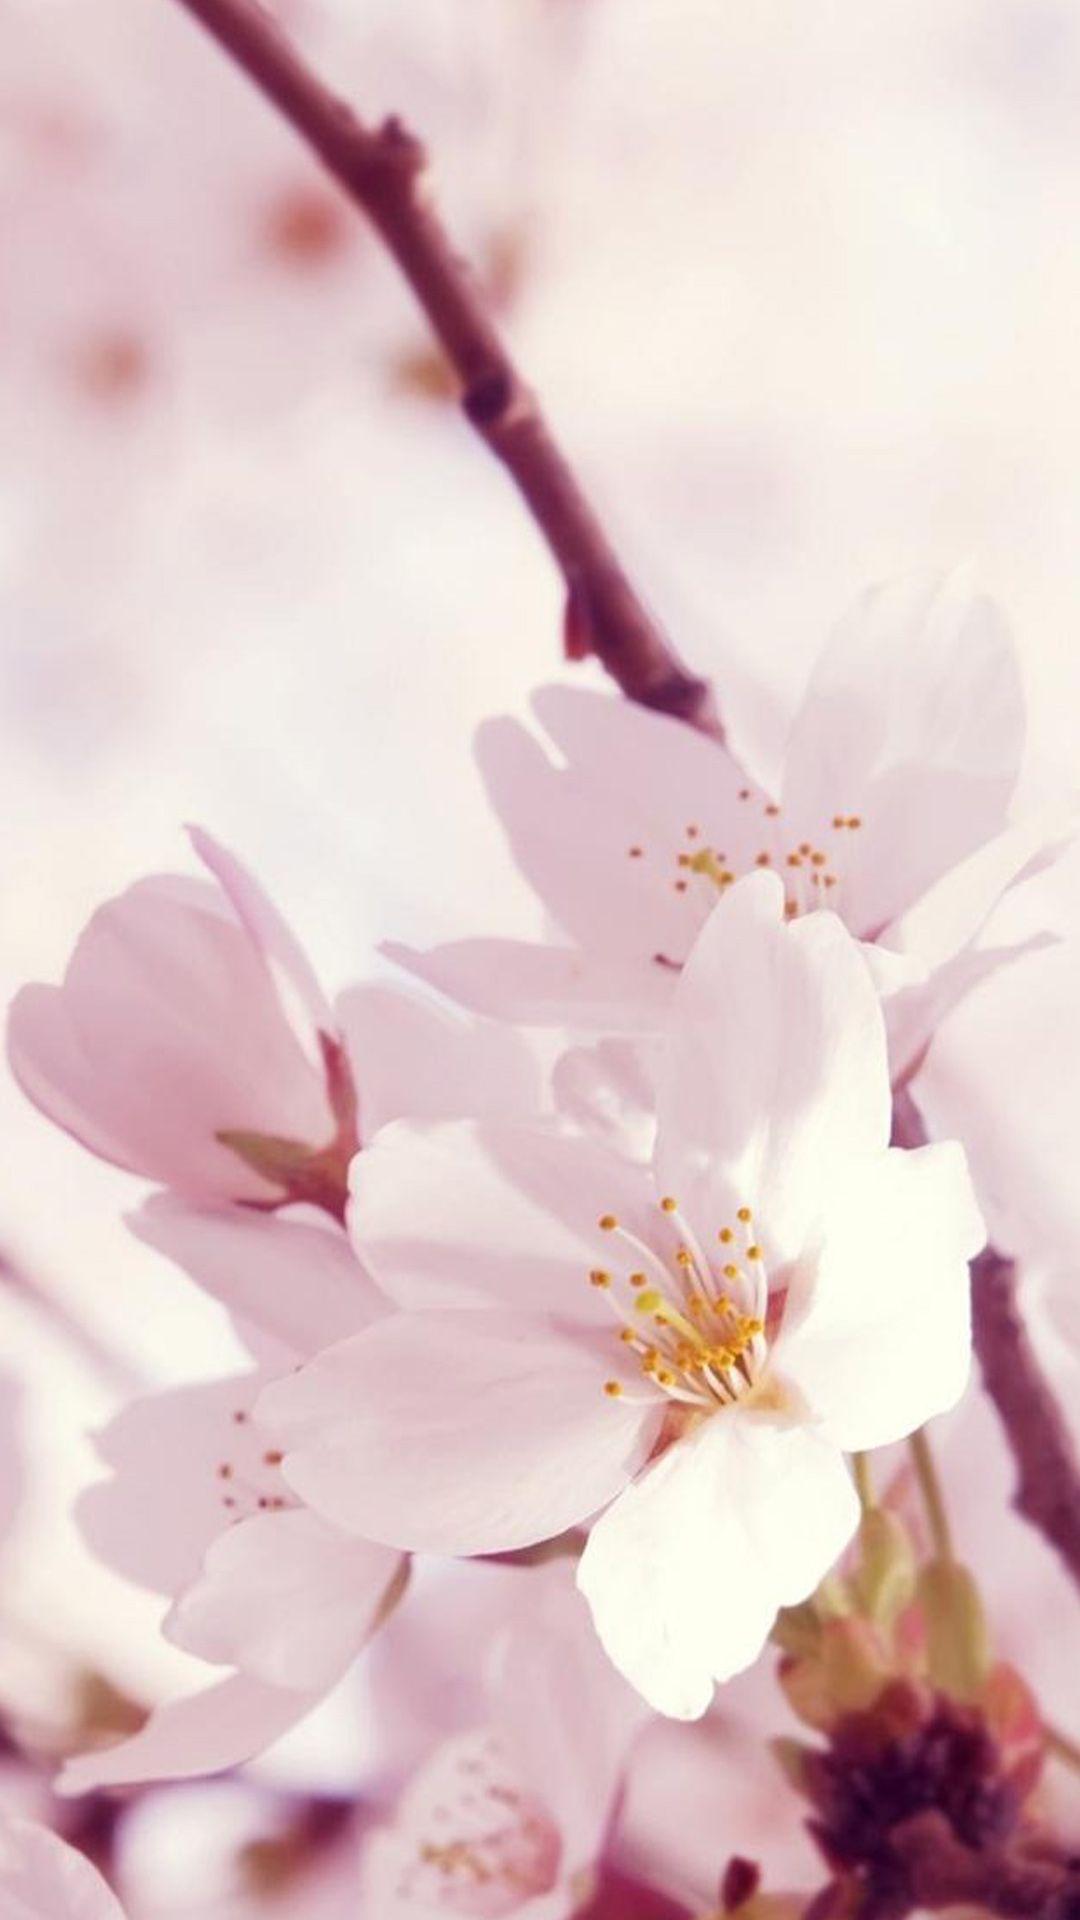 Beautiful chineseasia flowers sakura plum blossoms